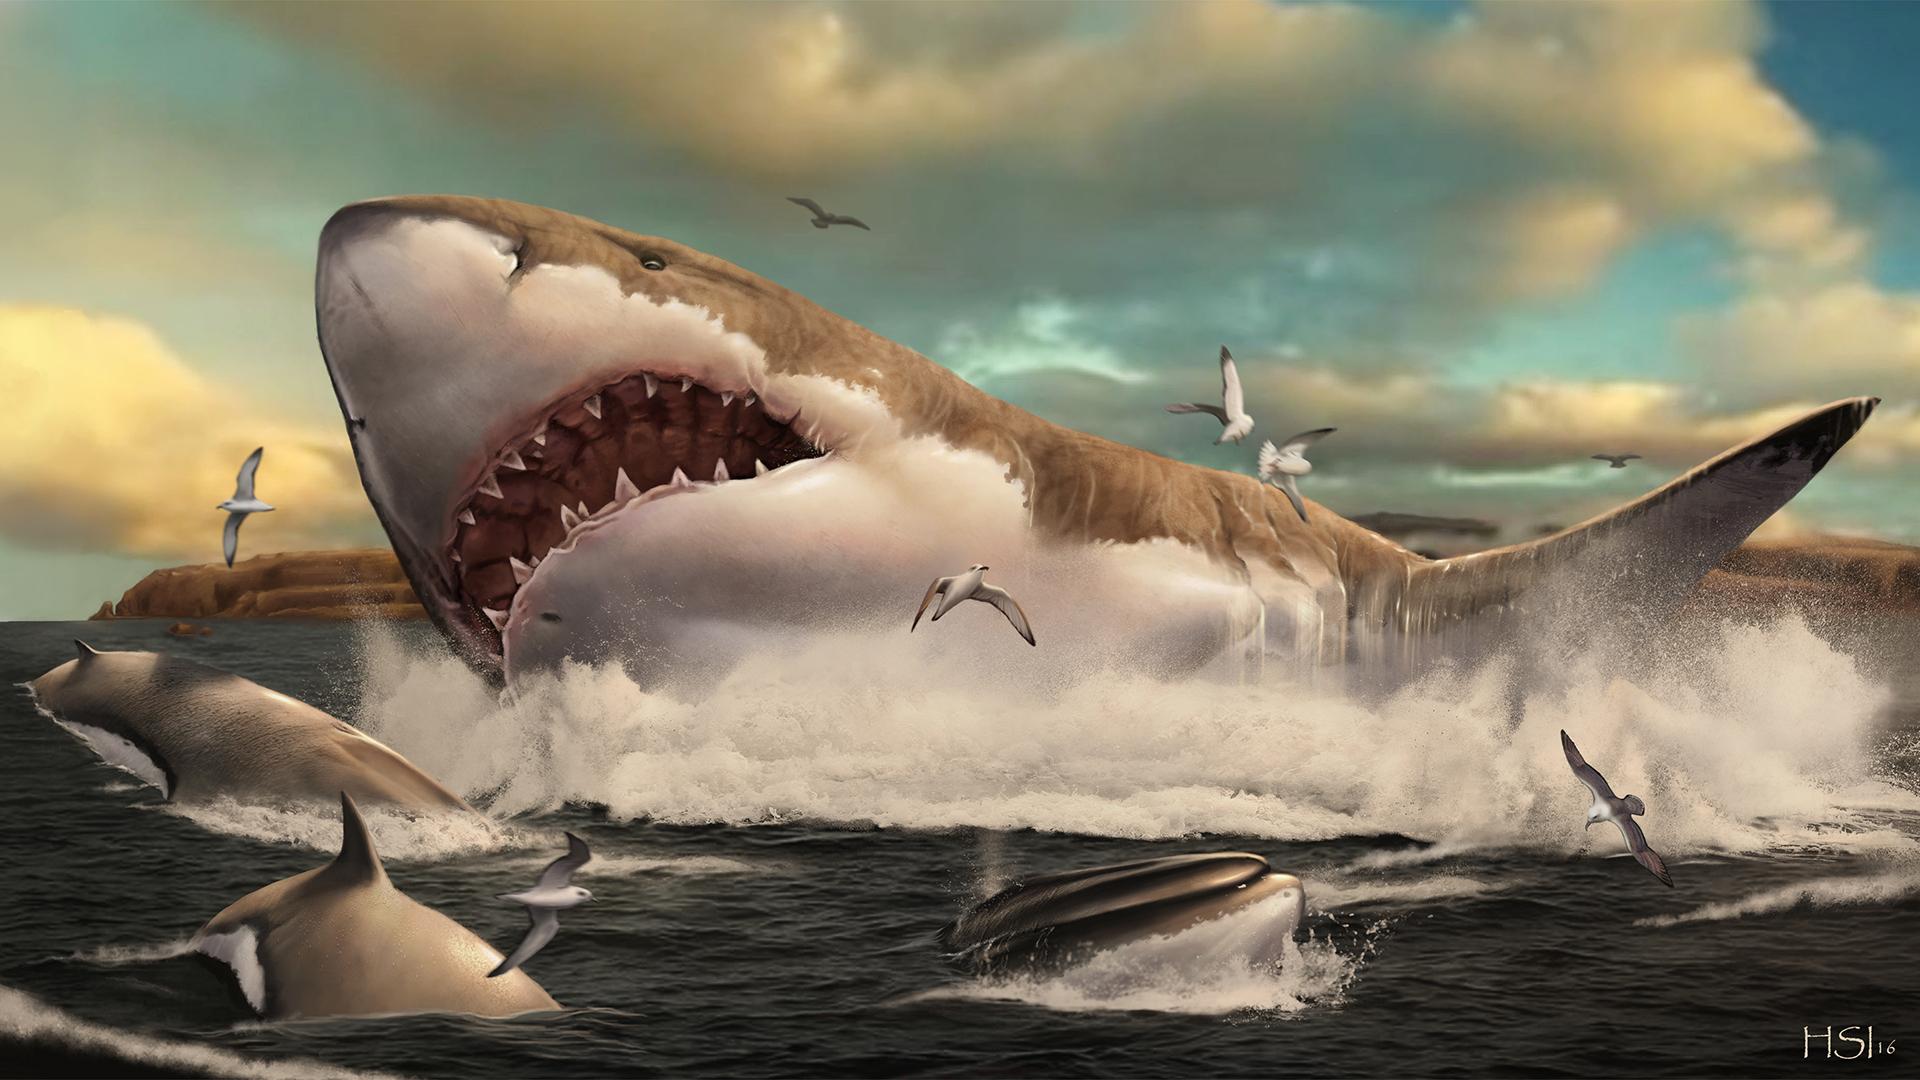 Représentation d'artiste d'un mégalodon sortant de l'eau alors que les oiseaux et les dauphins sautent hors du chemin.